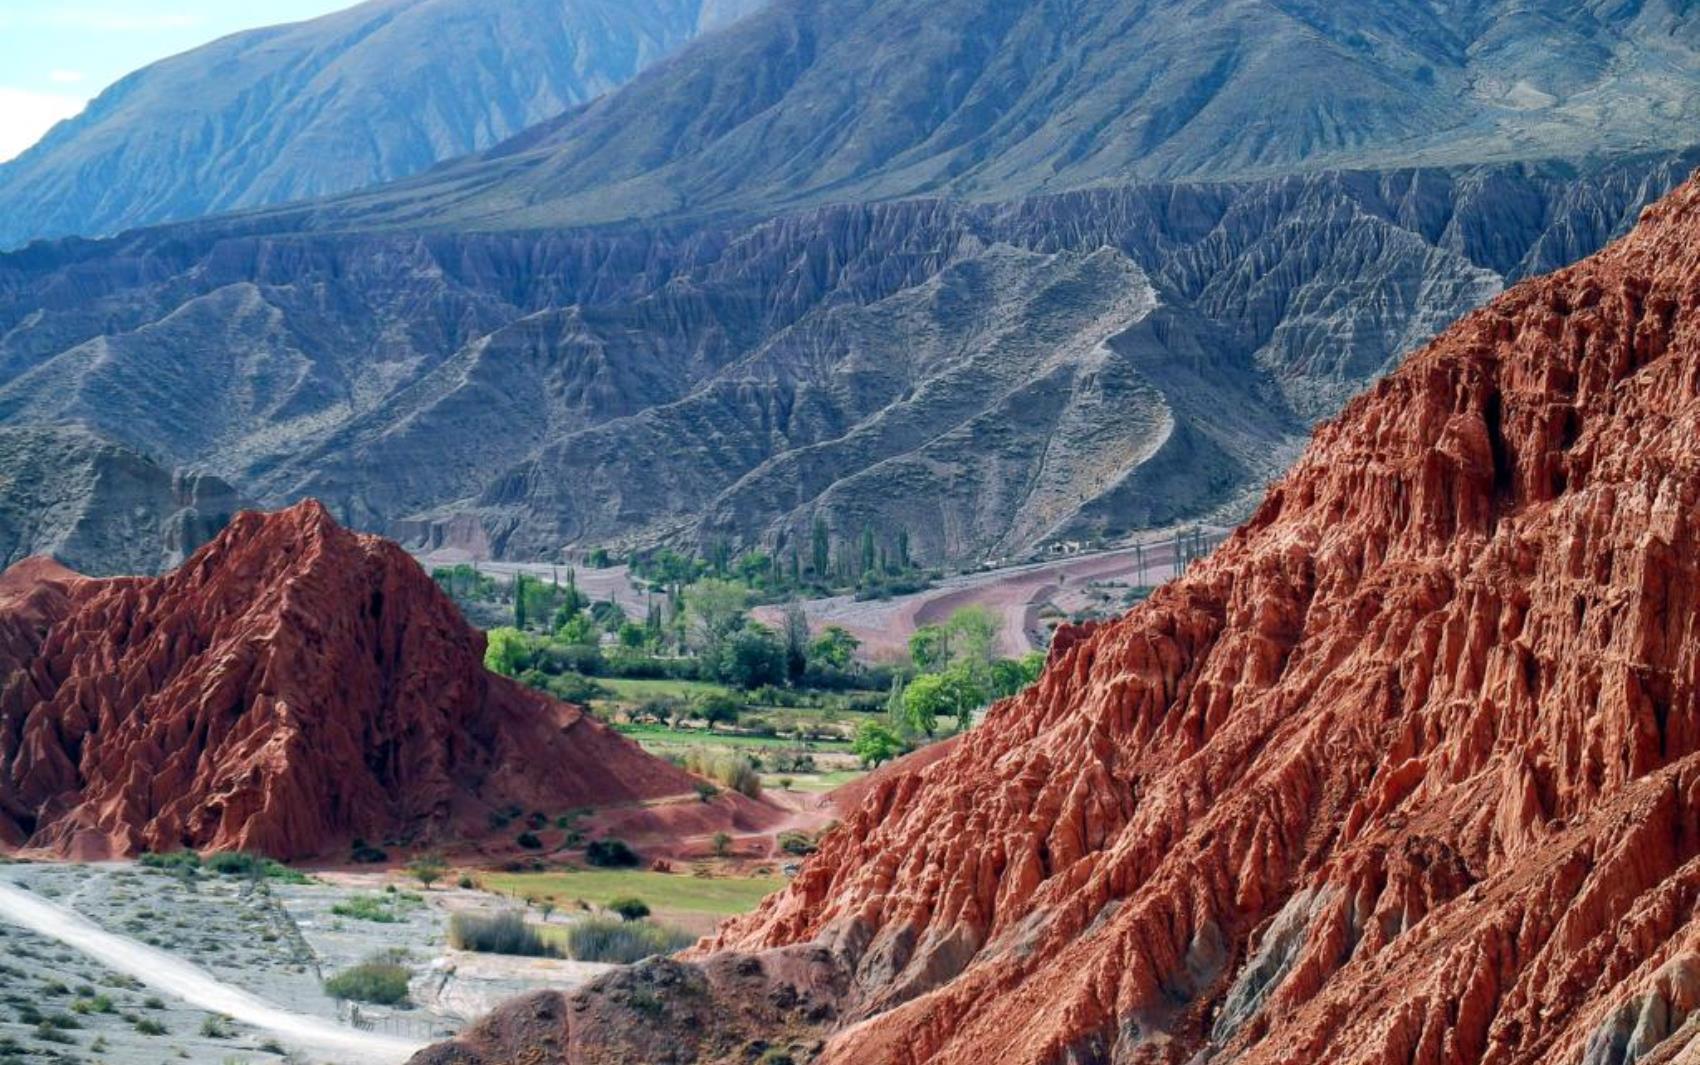 Leitora fez expedição pela América do Sul e passou pela Quebrada de Humahuaca, na Argentina.